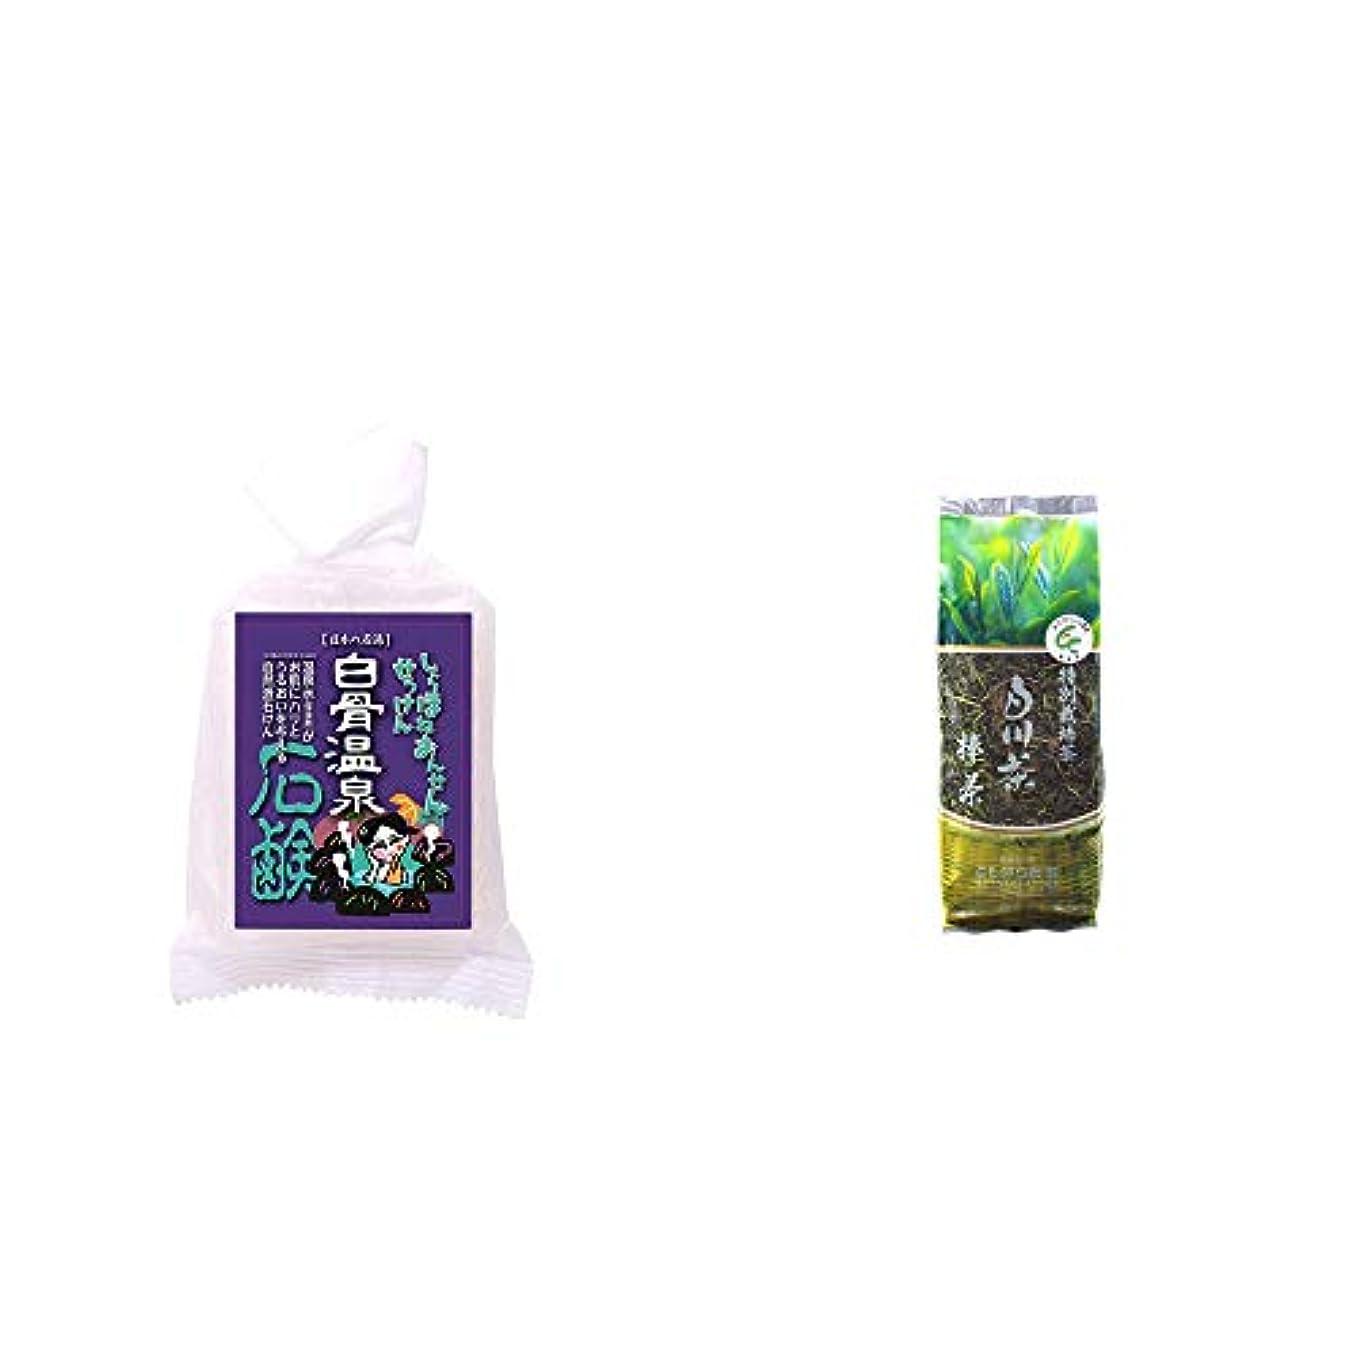 ひどくフォーマットセグメント[2点セット] 信州 白骨温泉石鹸(80g)?白川茶 特別栽培茶【棒茶】(150g)